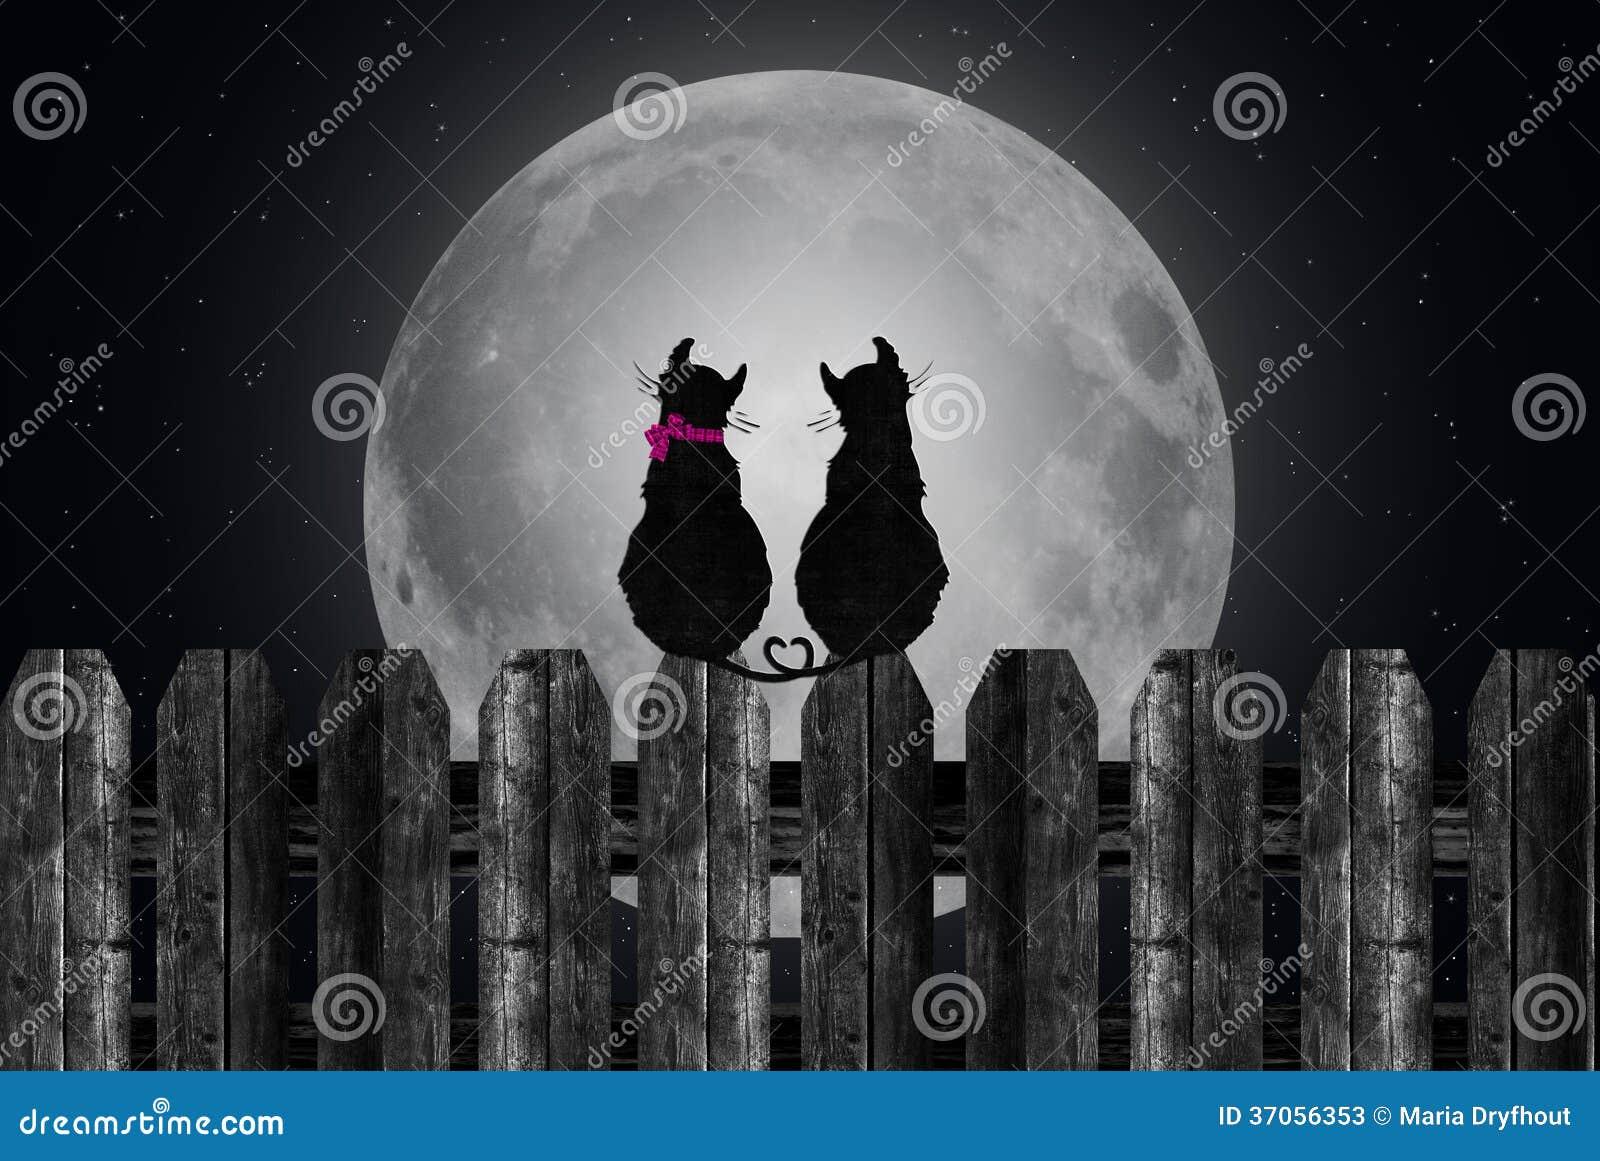 Katzen Silhouettiert Auf Vollmond Stock Abbildung - Illustration von ...